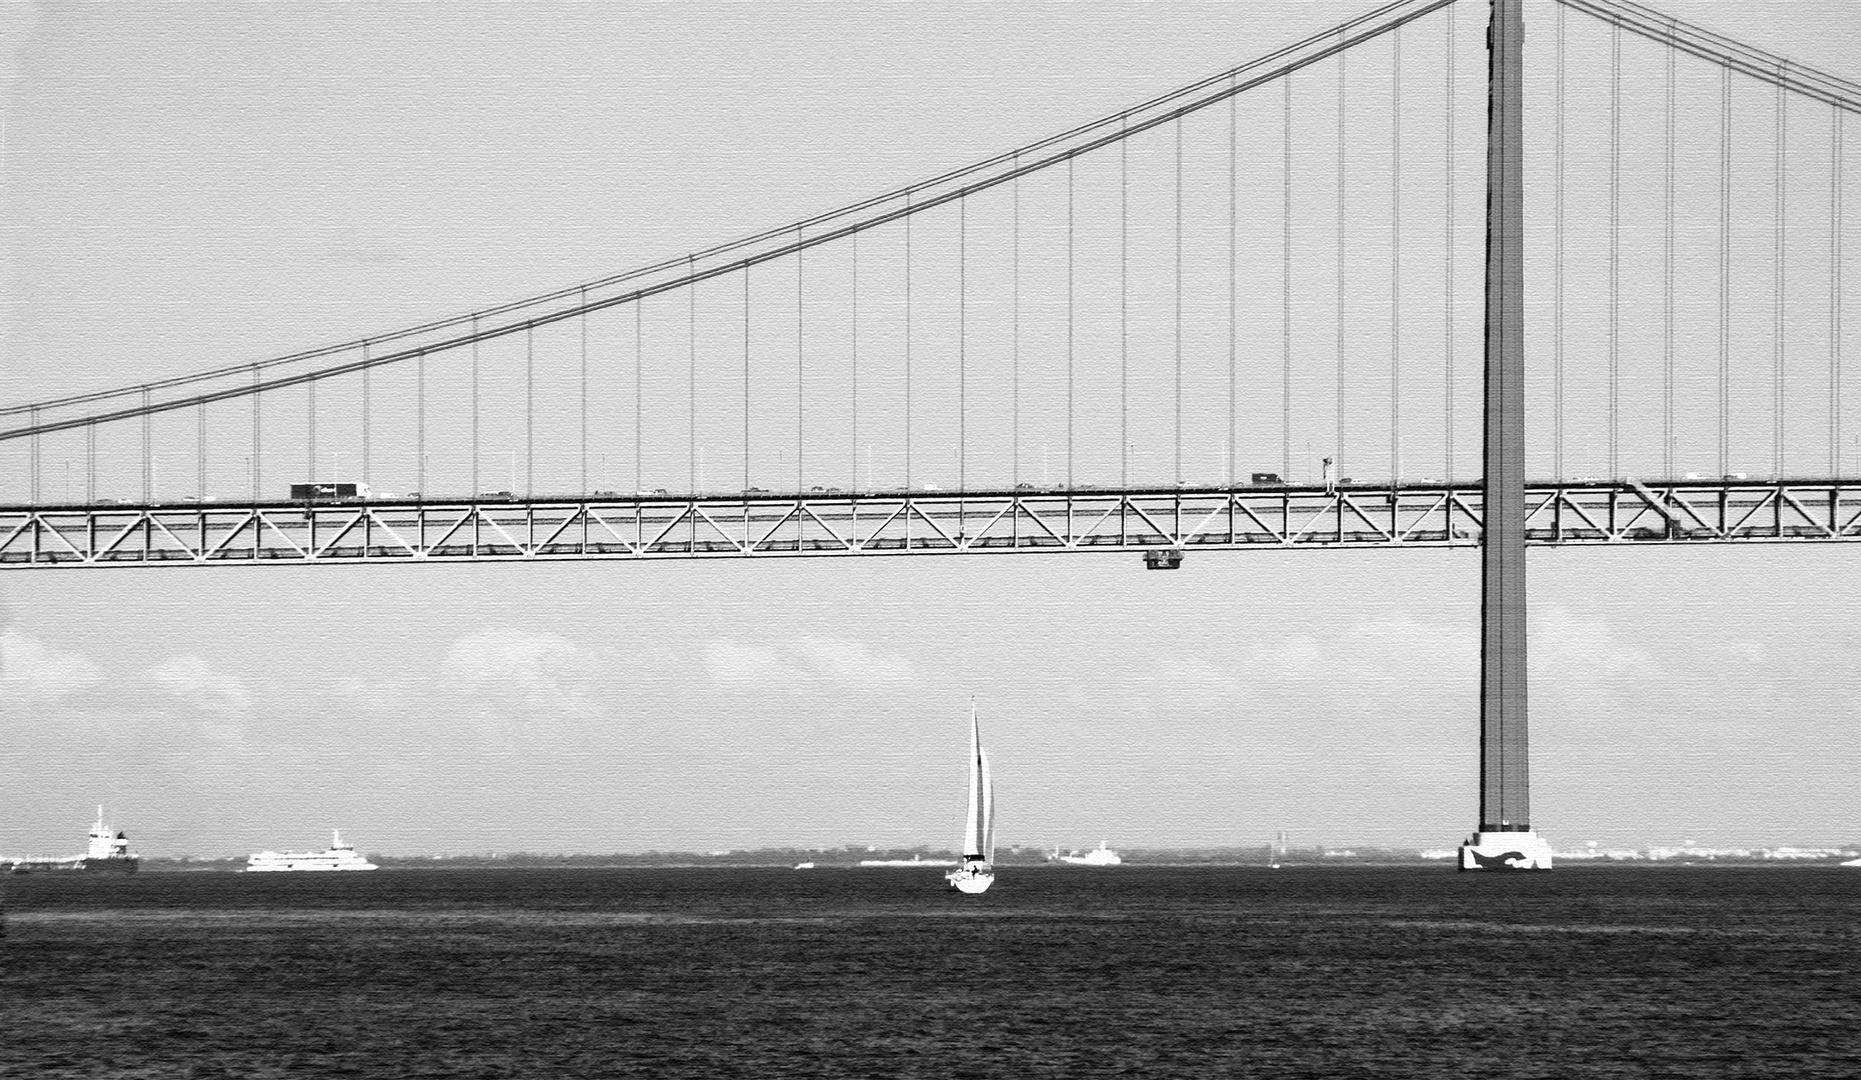 El puente y el Tejo.